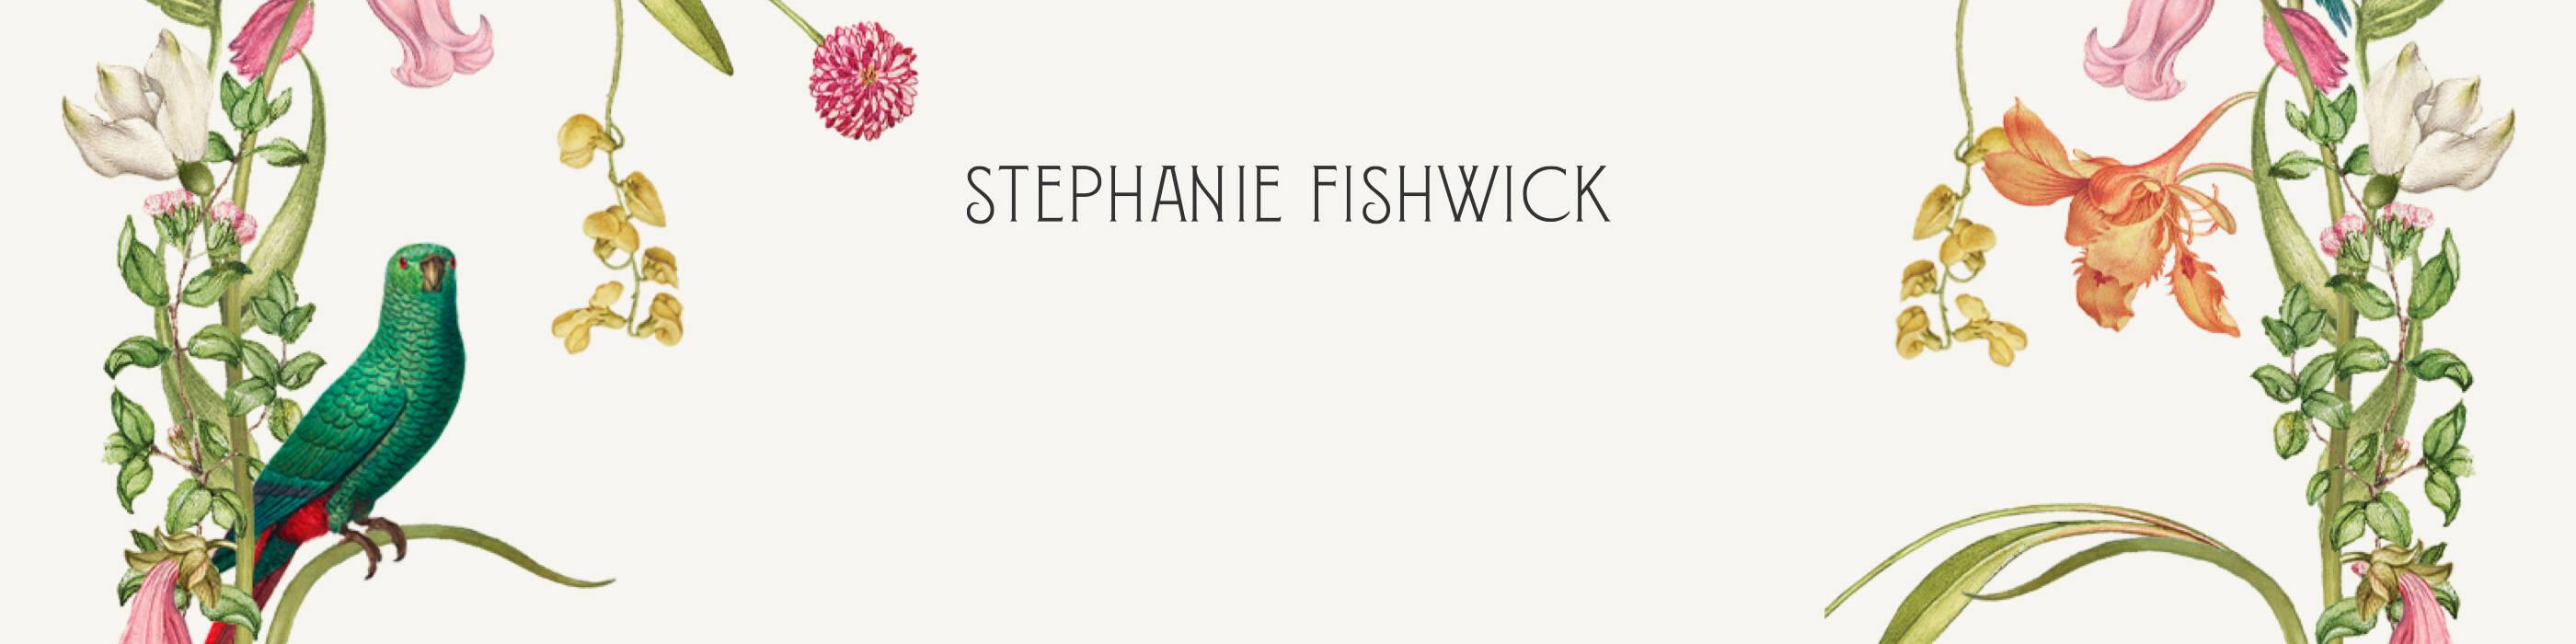 Stephanie Fishwick